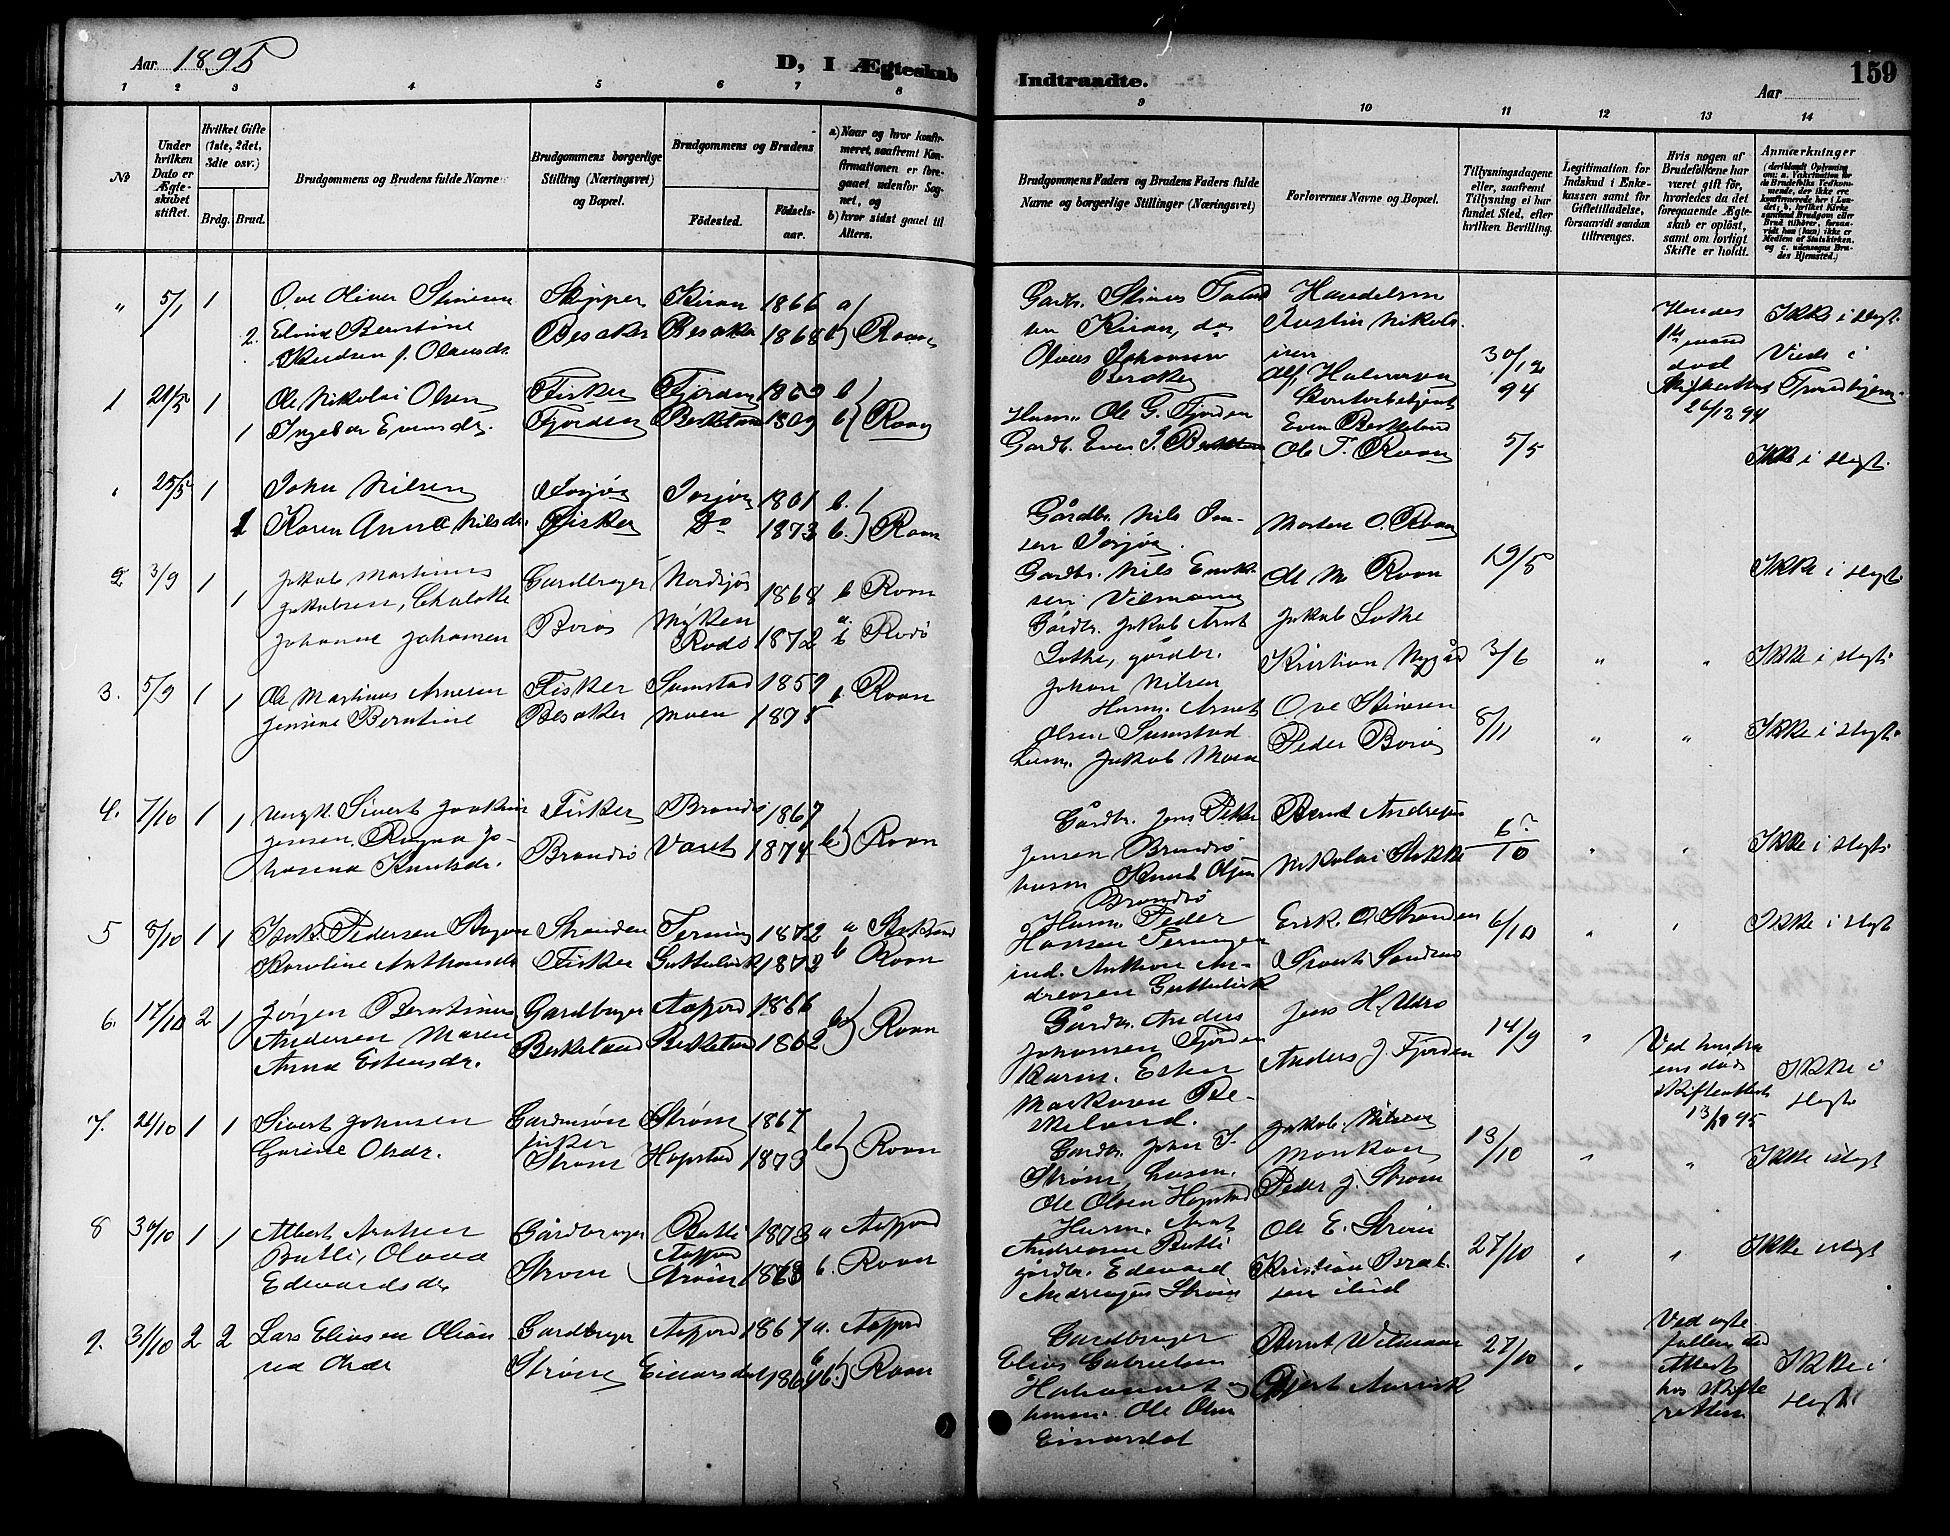 SAT, Ministerialprotokoller, klokkerbøker og fødselsregistre - Sør-Trøndelag, 657/L0716: Klokkerbok nr. 657C03, 1889-1904, s. 159